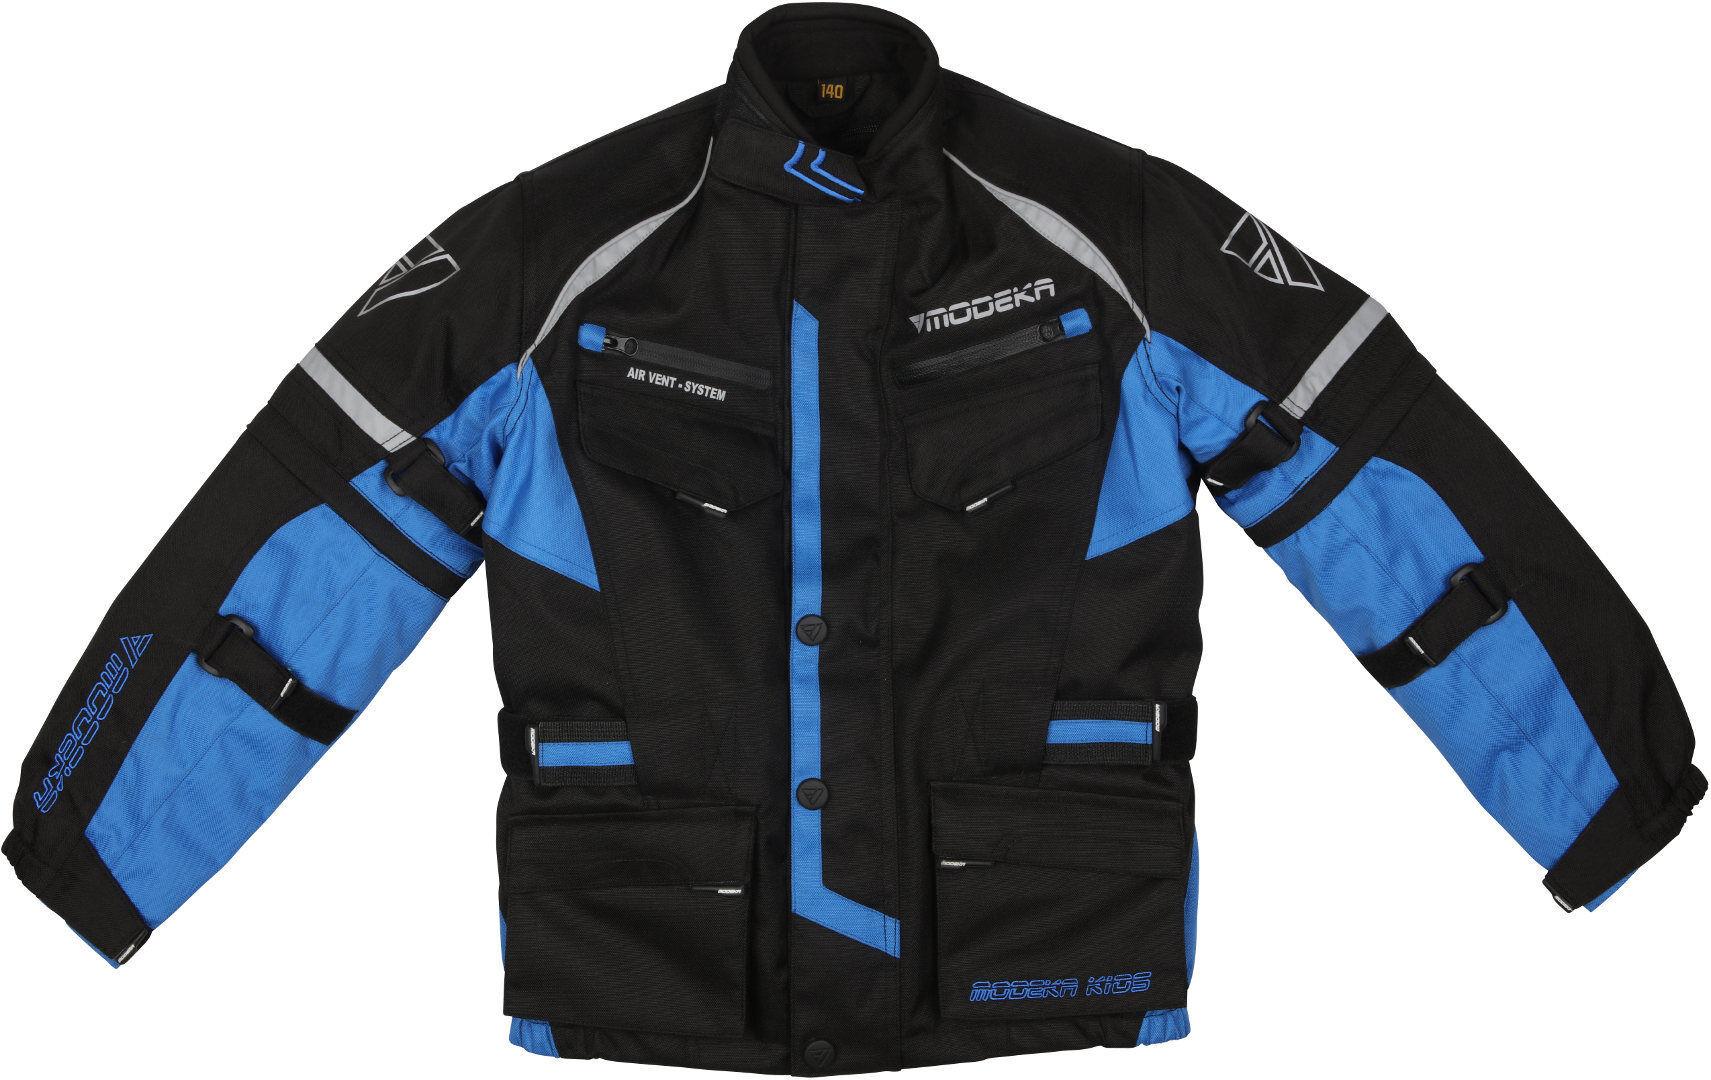 Modeka Tourex II Veste textile de moto pour enfants Noir Bleu taille : 2XS 128